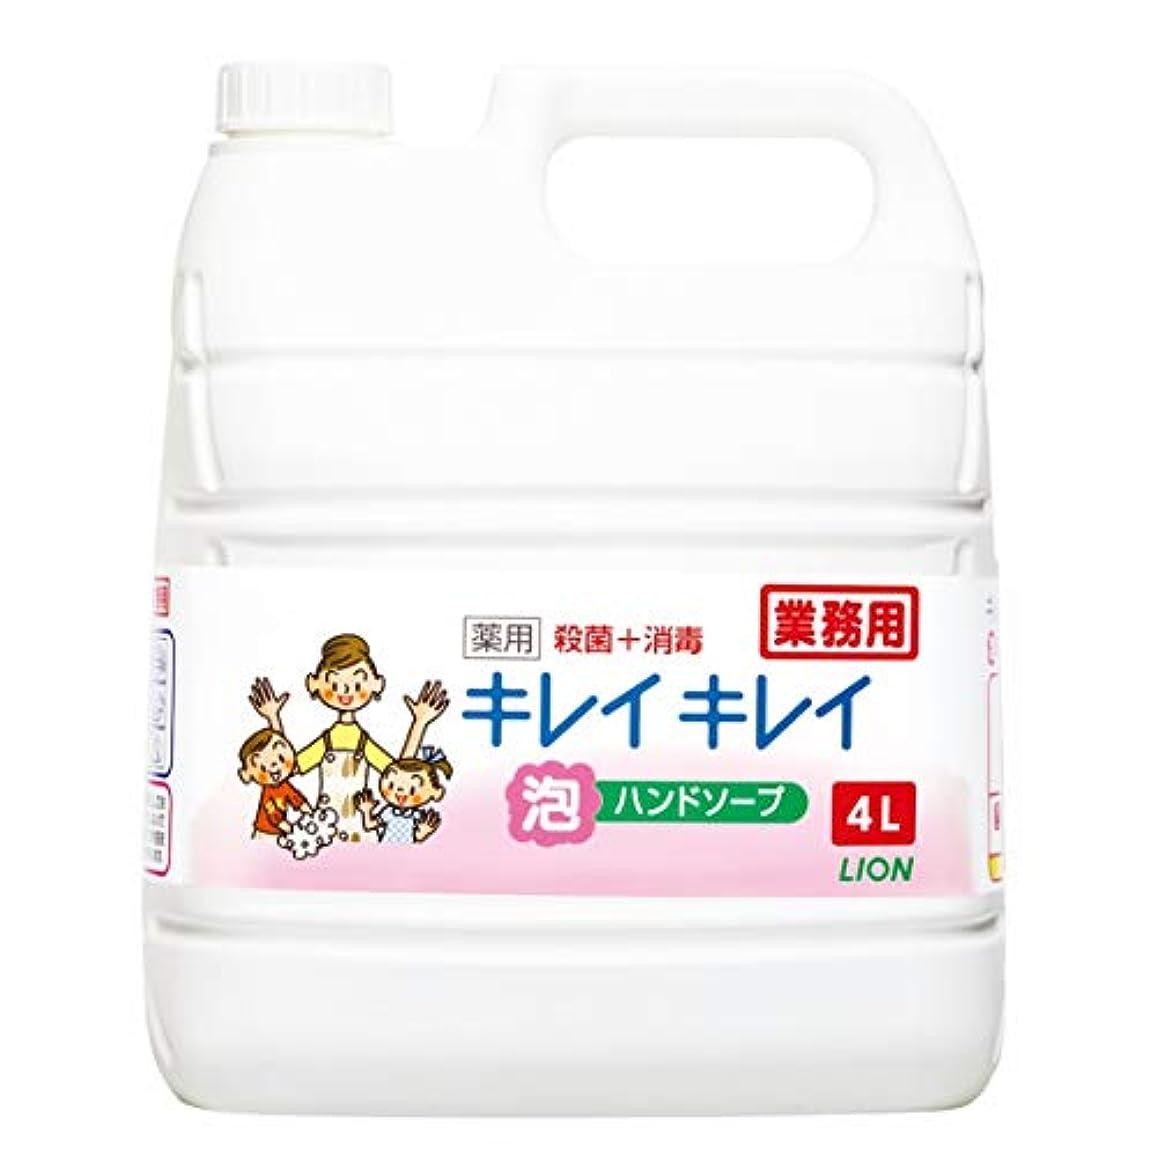 顧問バランスのとれた農業の【業務用 大容量】キレイキレイ 薬用 泡ハンドソープ シトラスフルーティの香り 4L(医薬部外品)